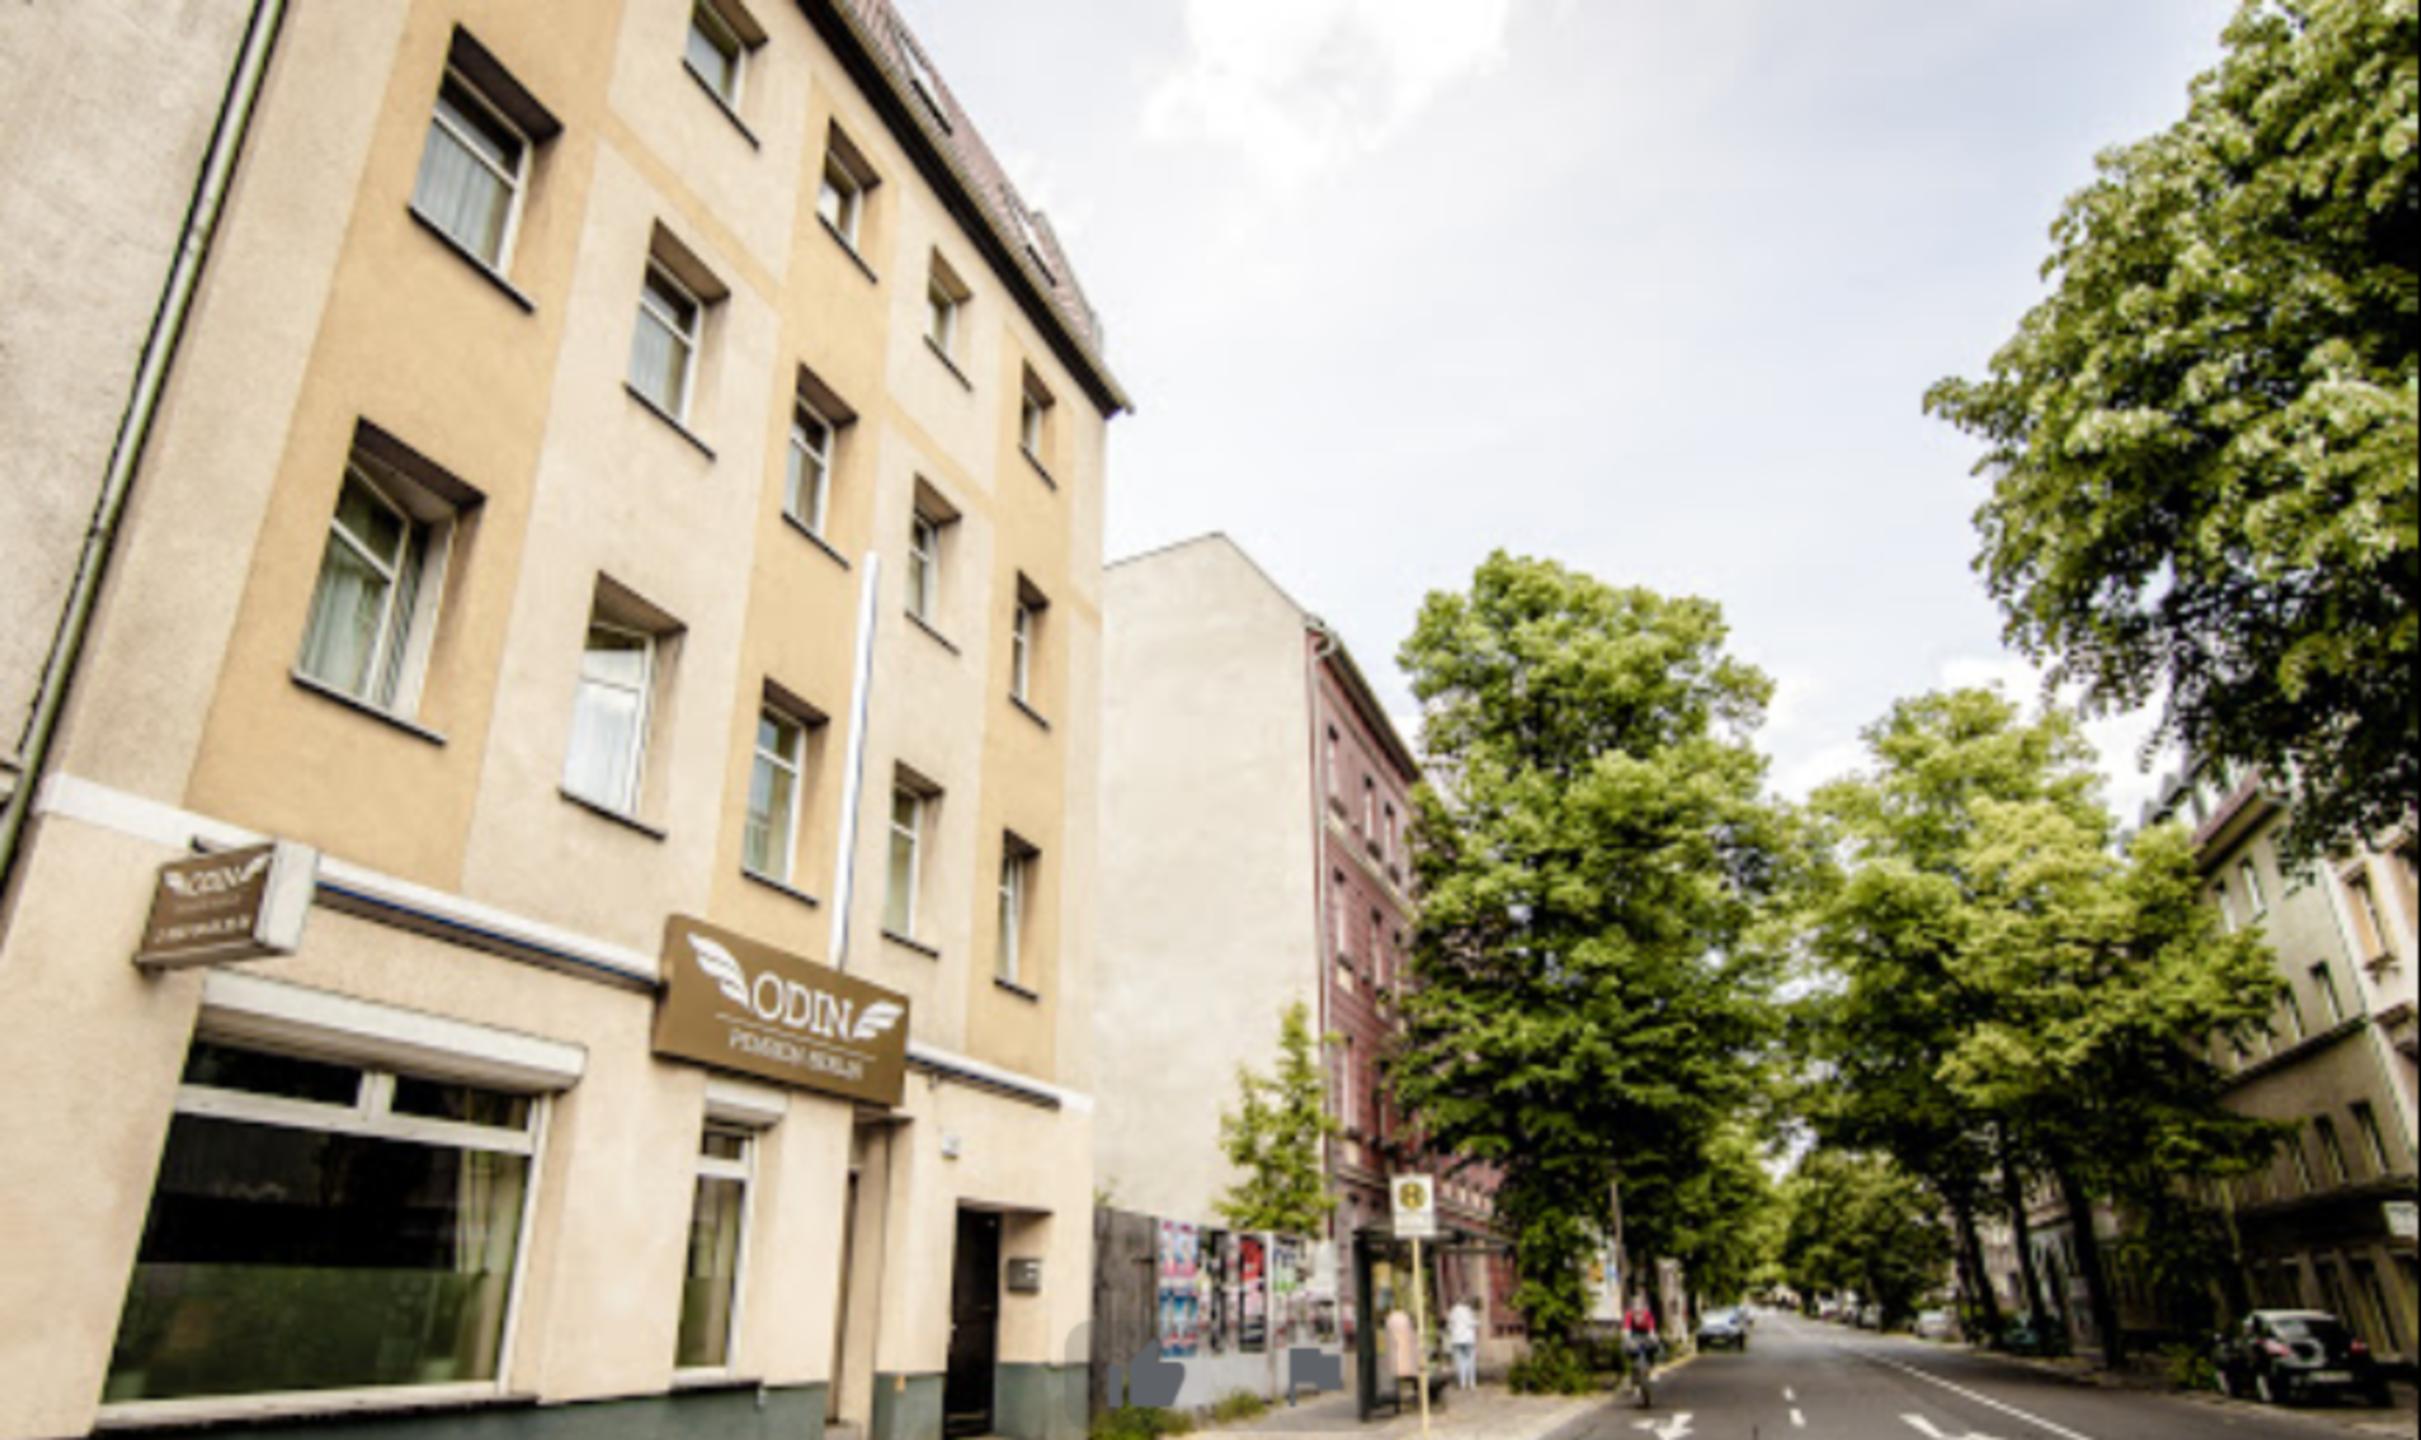 A city street at Pension Odin.